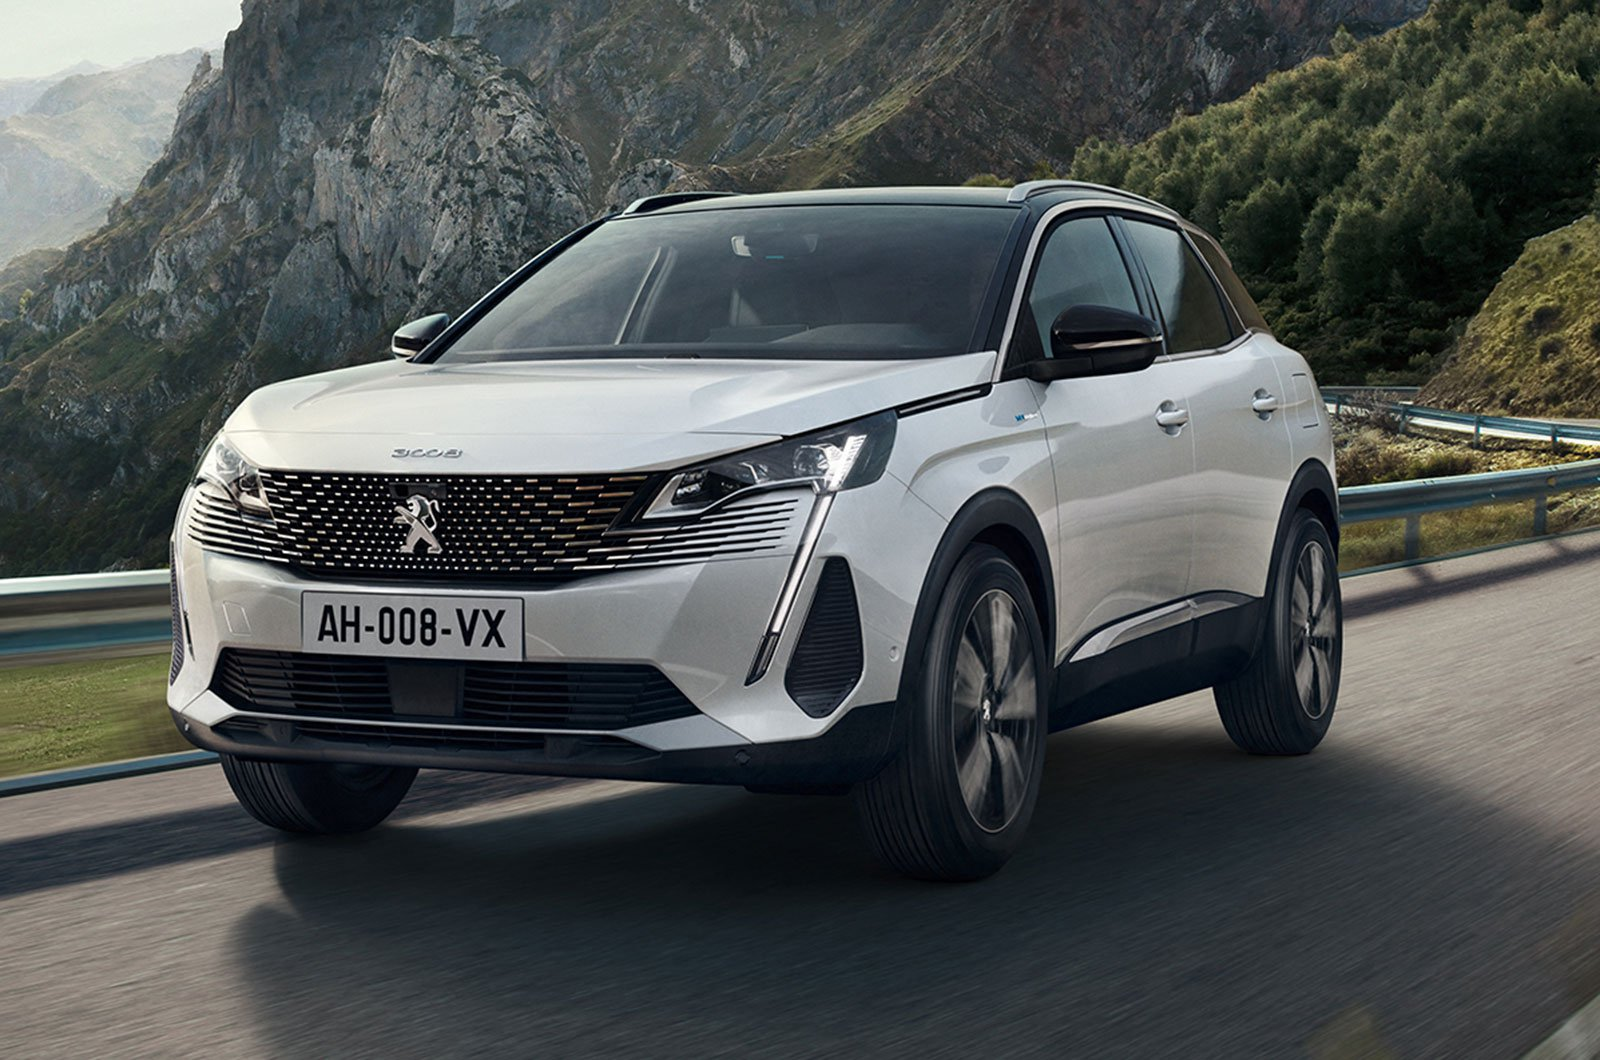 2021 Peugeot 3008 front